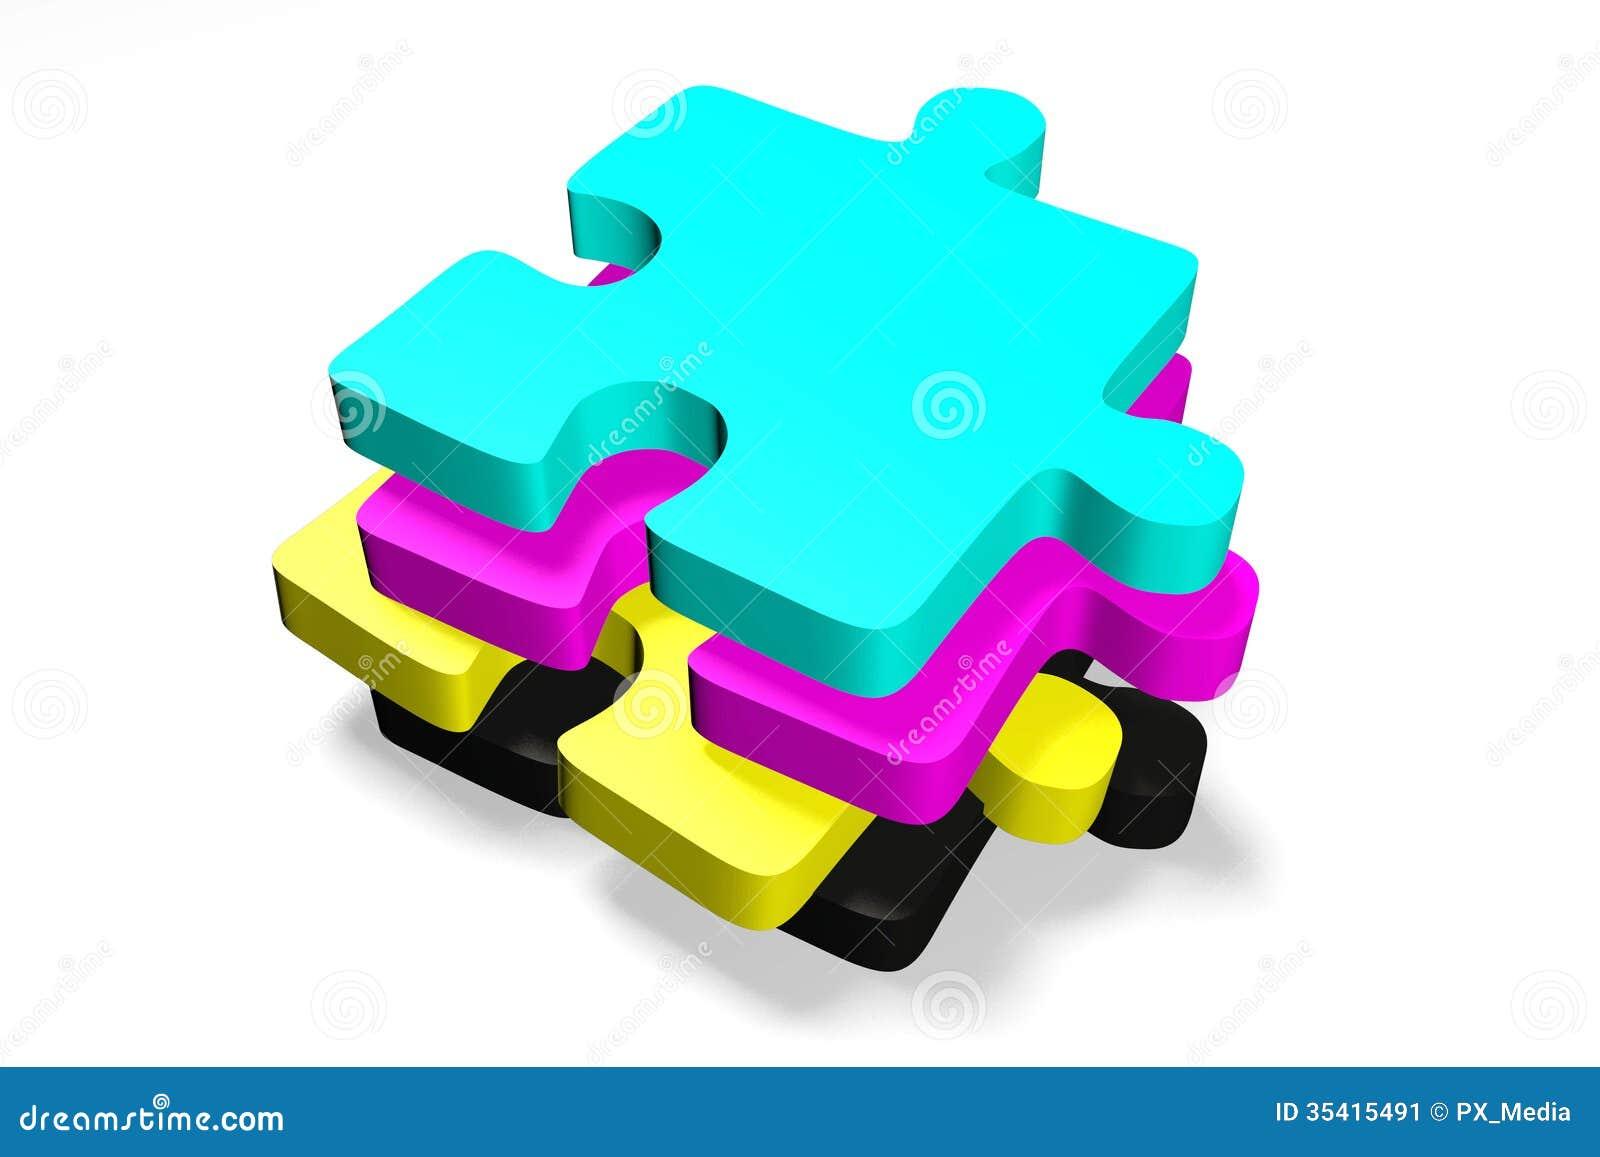 3d grafiek metaforen druk cmyk puzzels stock afbeelding afbeelding 35415491 - Grafiek blauw grijze verf ...